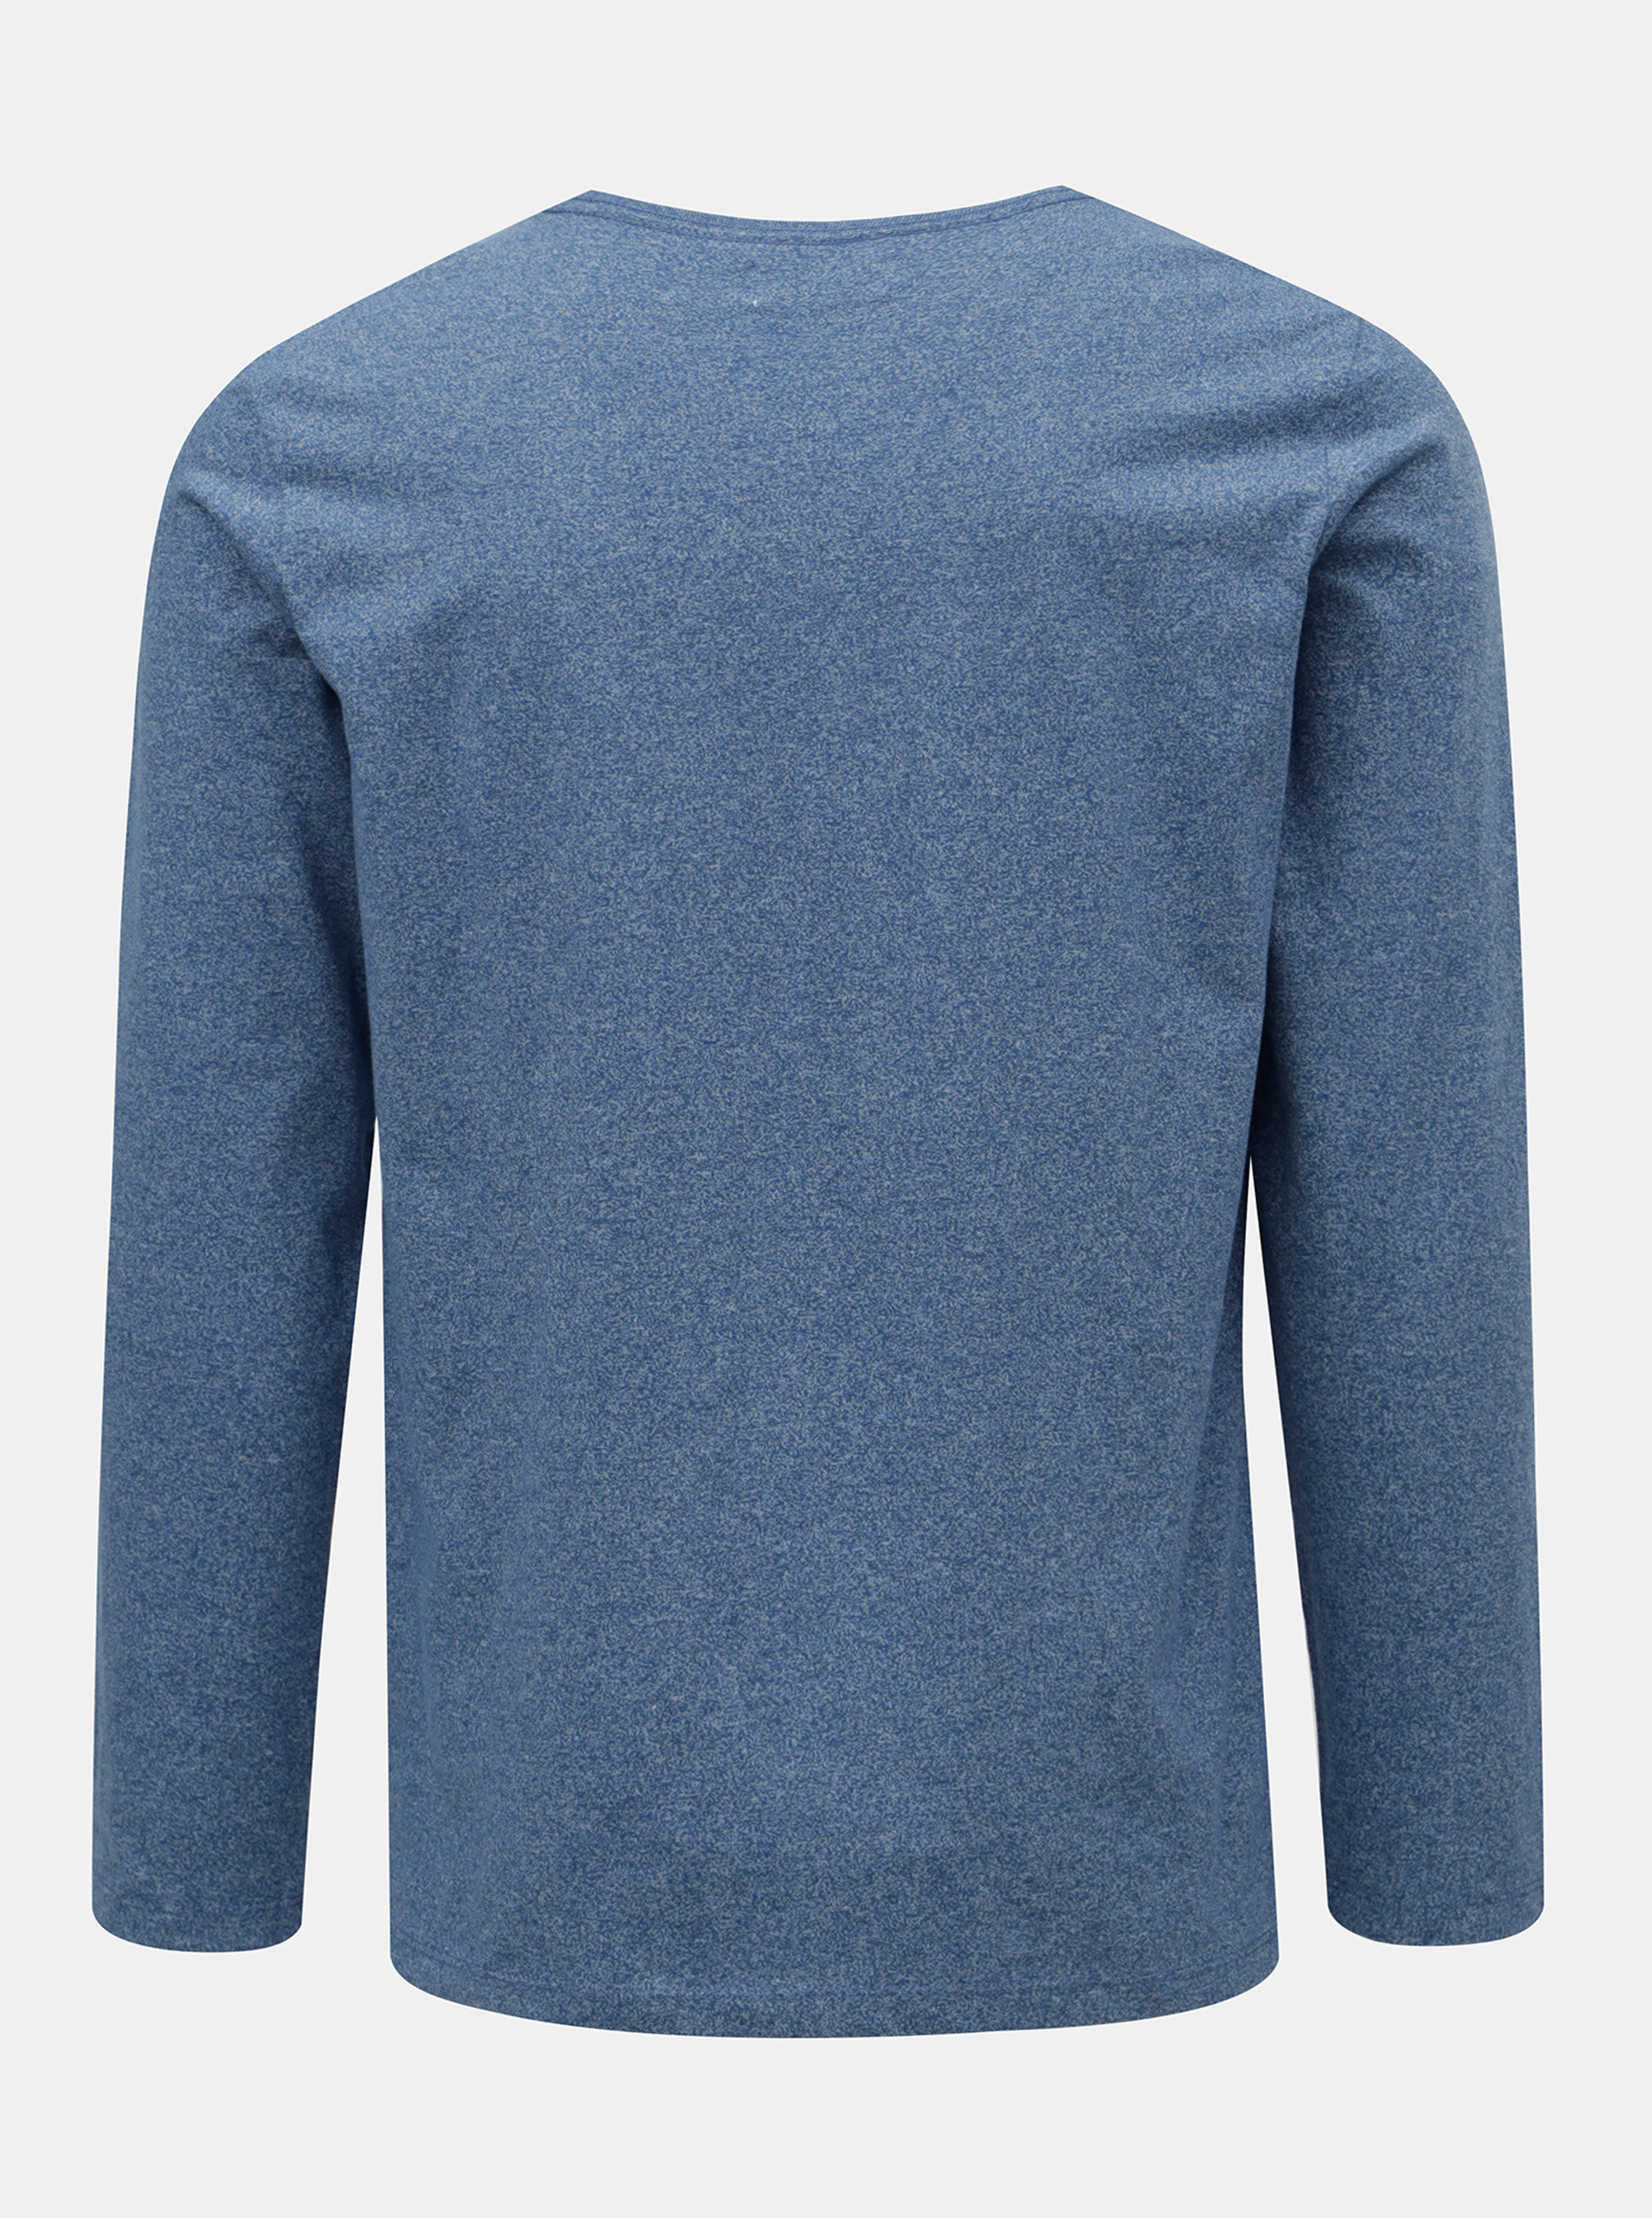 b4e3789b92 Modré melírované tričko s dlhým rukávom Lindbergh ...